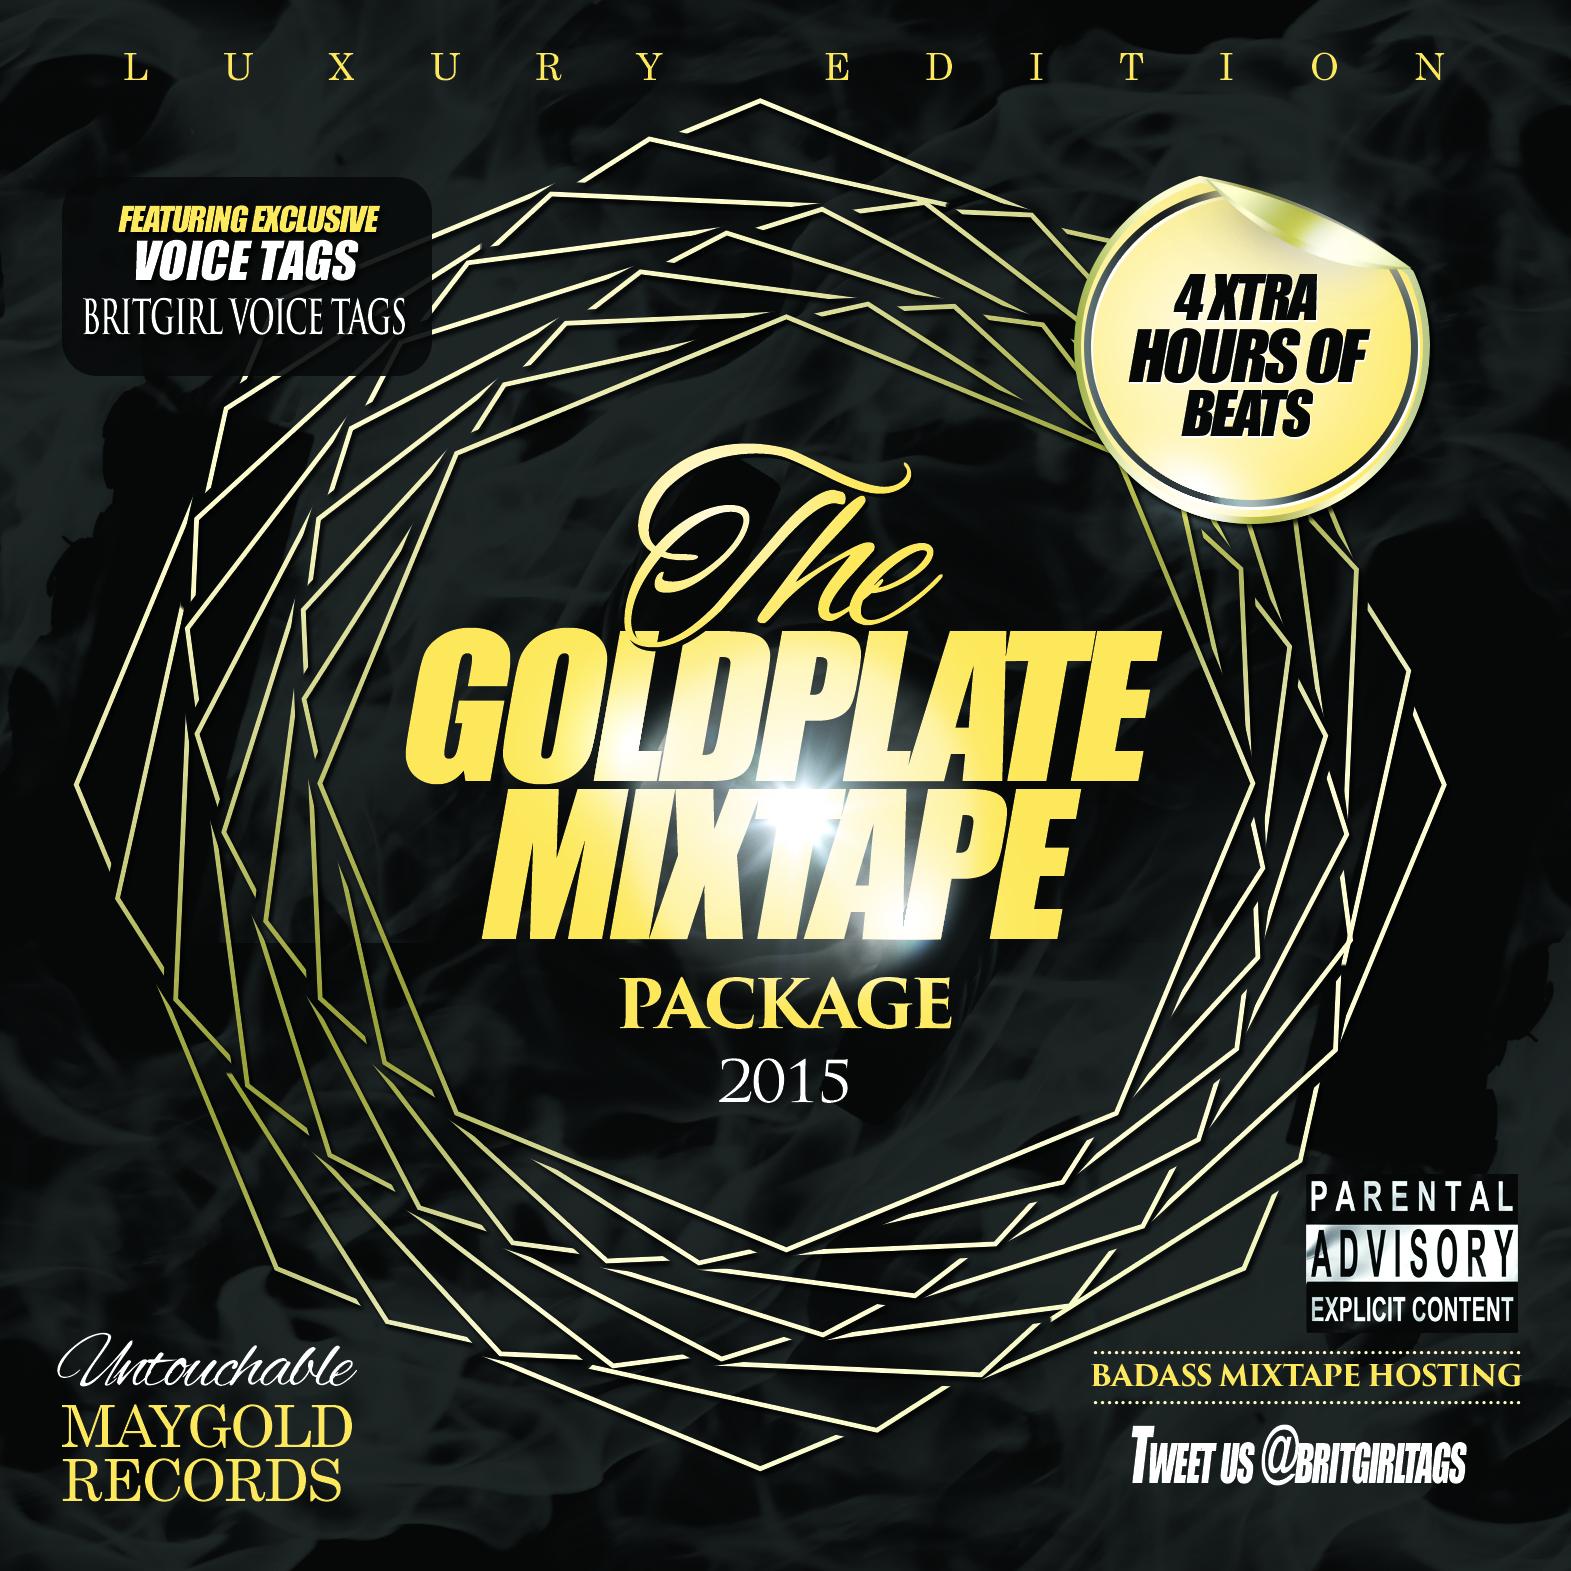 design the hottest hip hop trap edm mixtape album cover on the planet